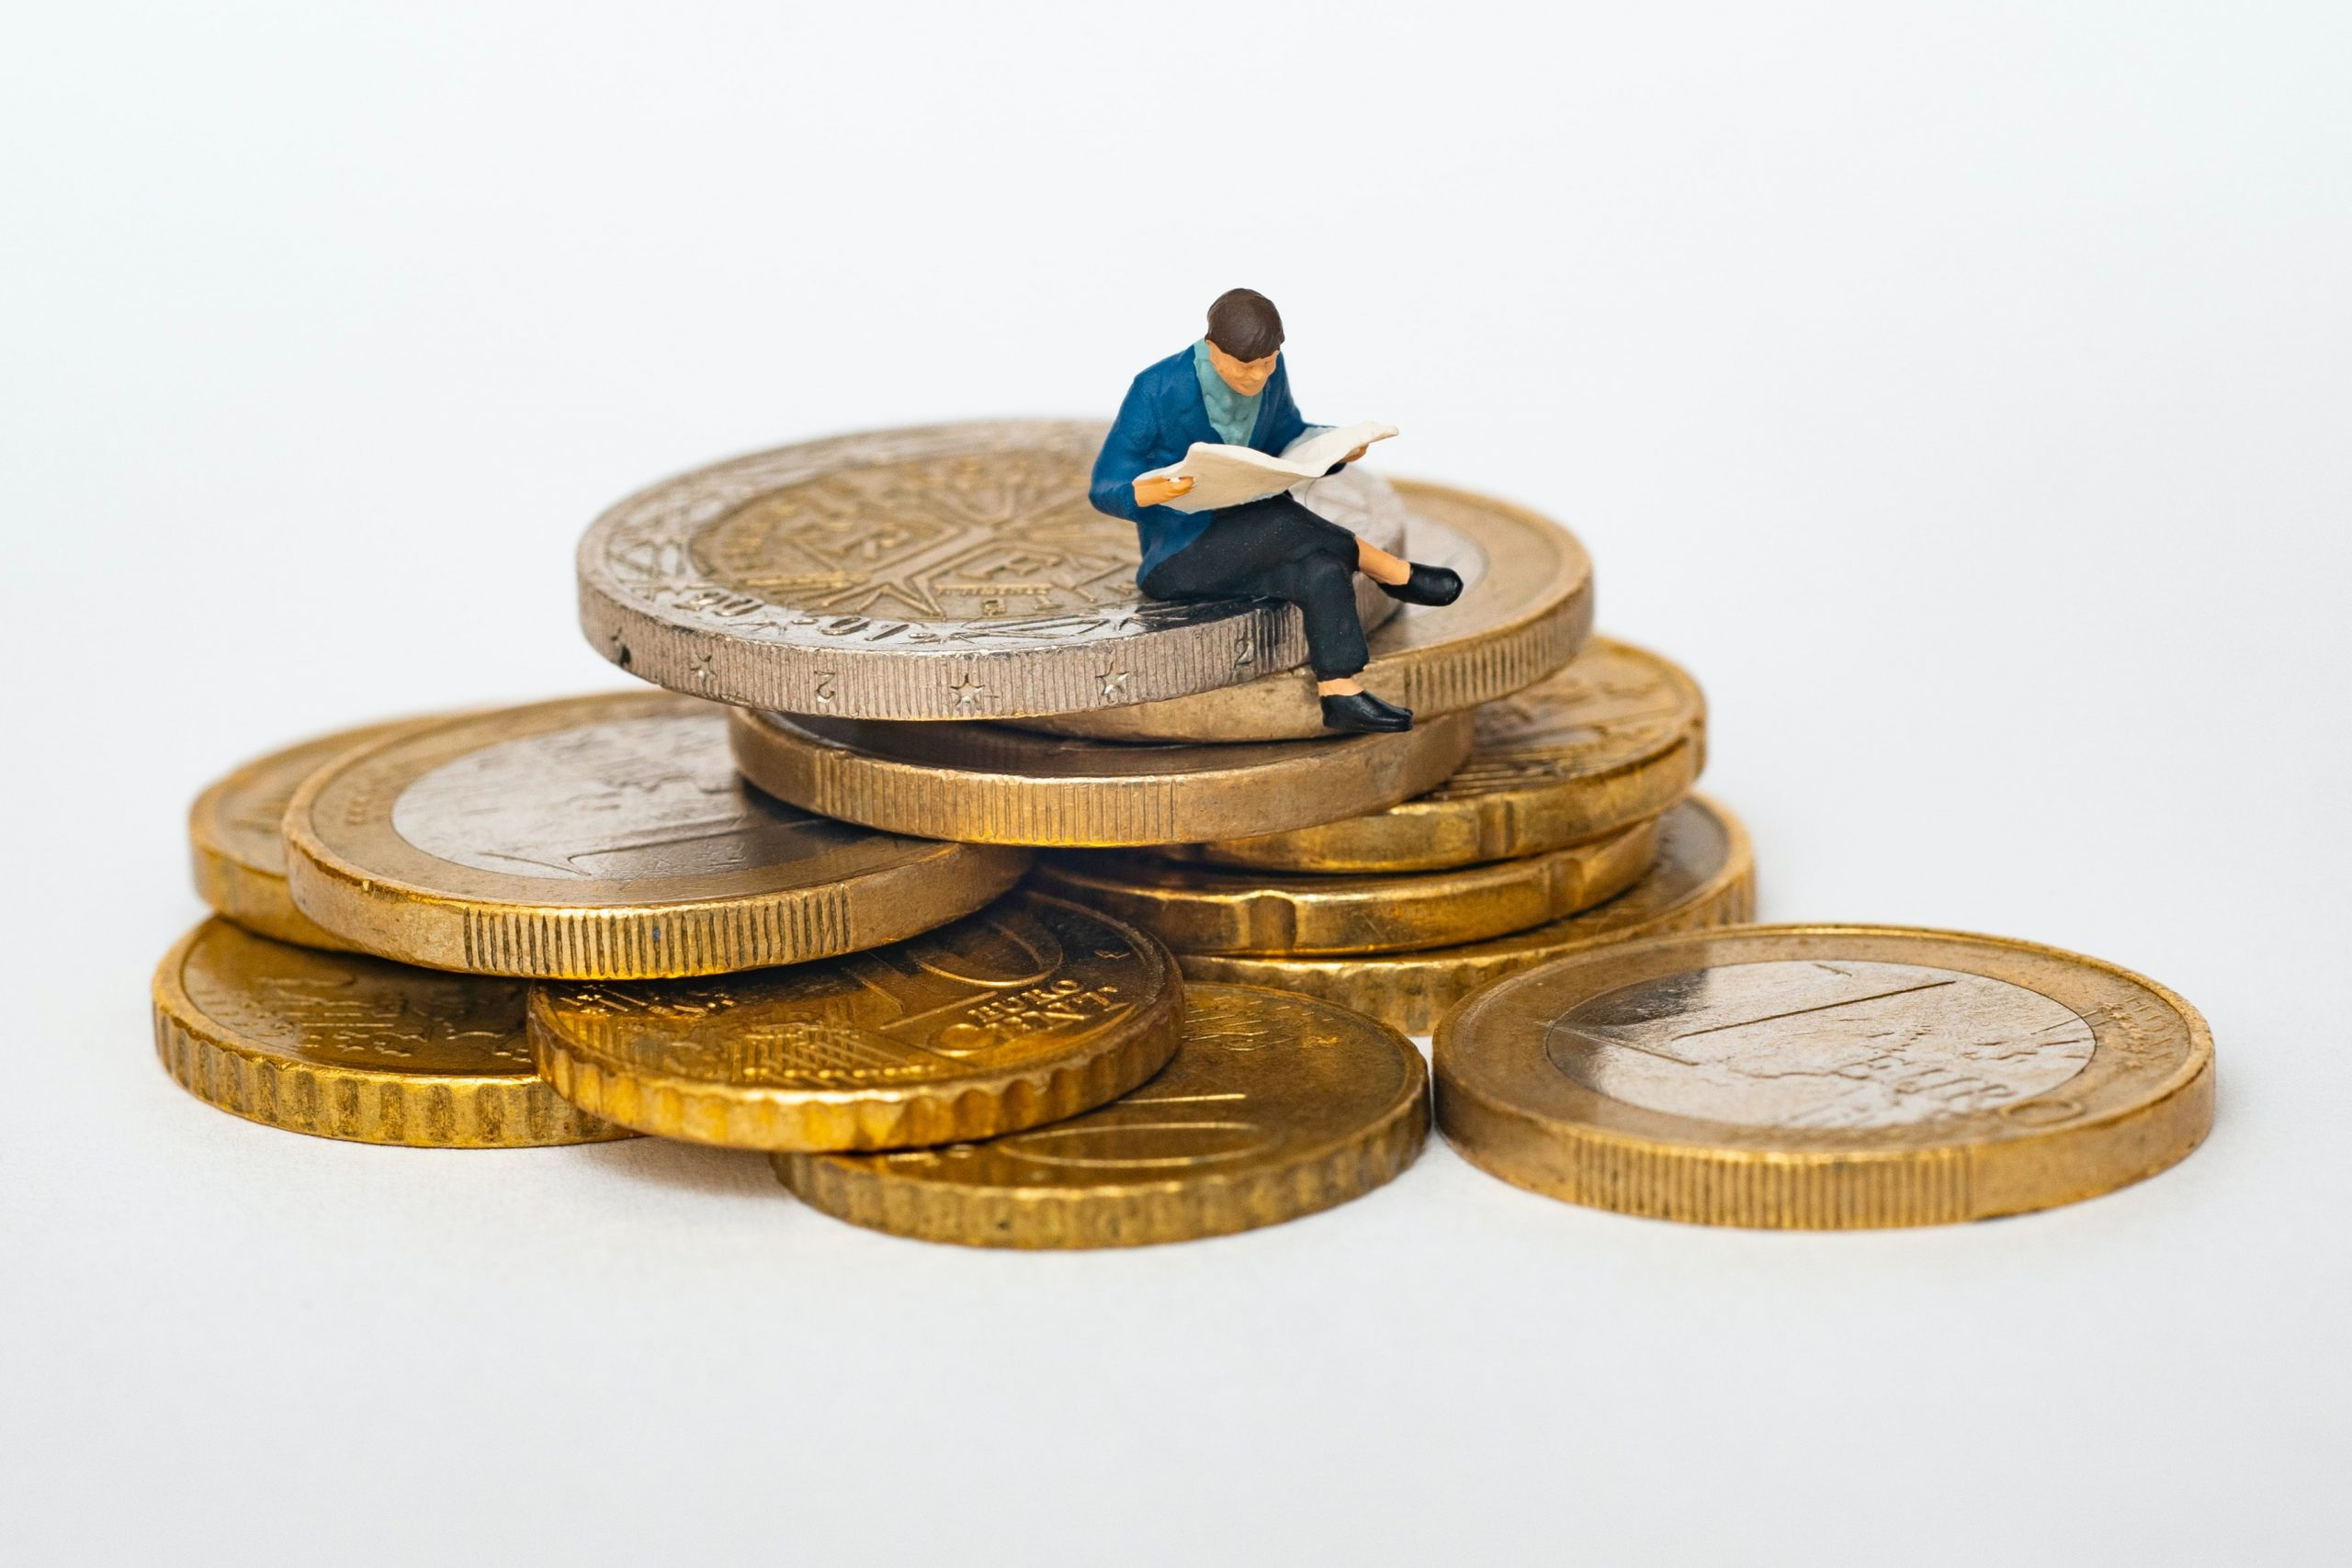 Veraset ve İntikal Vergisi: Yurtdışı Yatırım